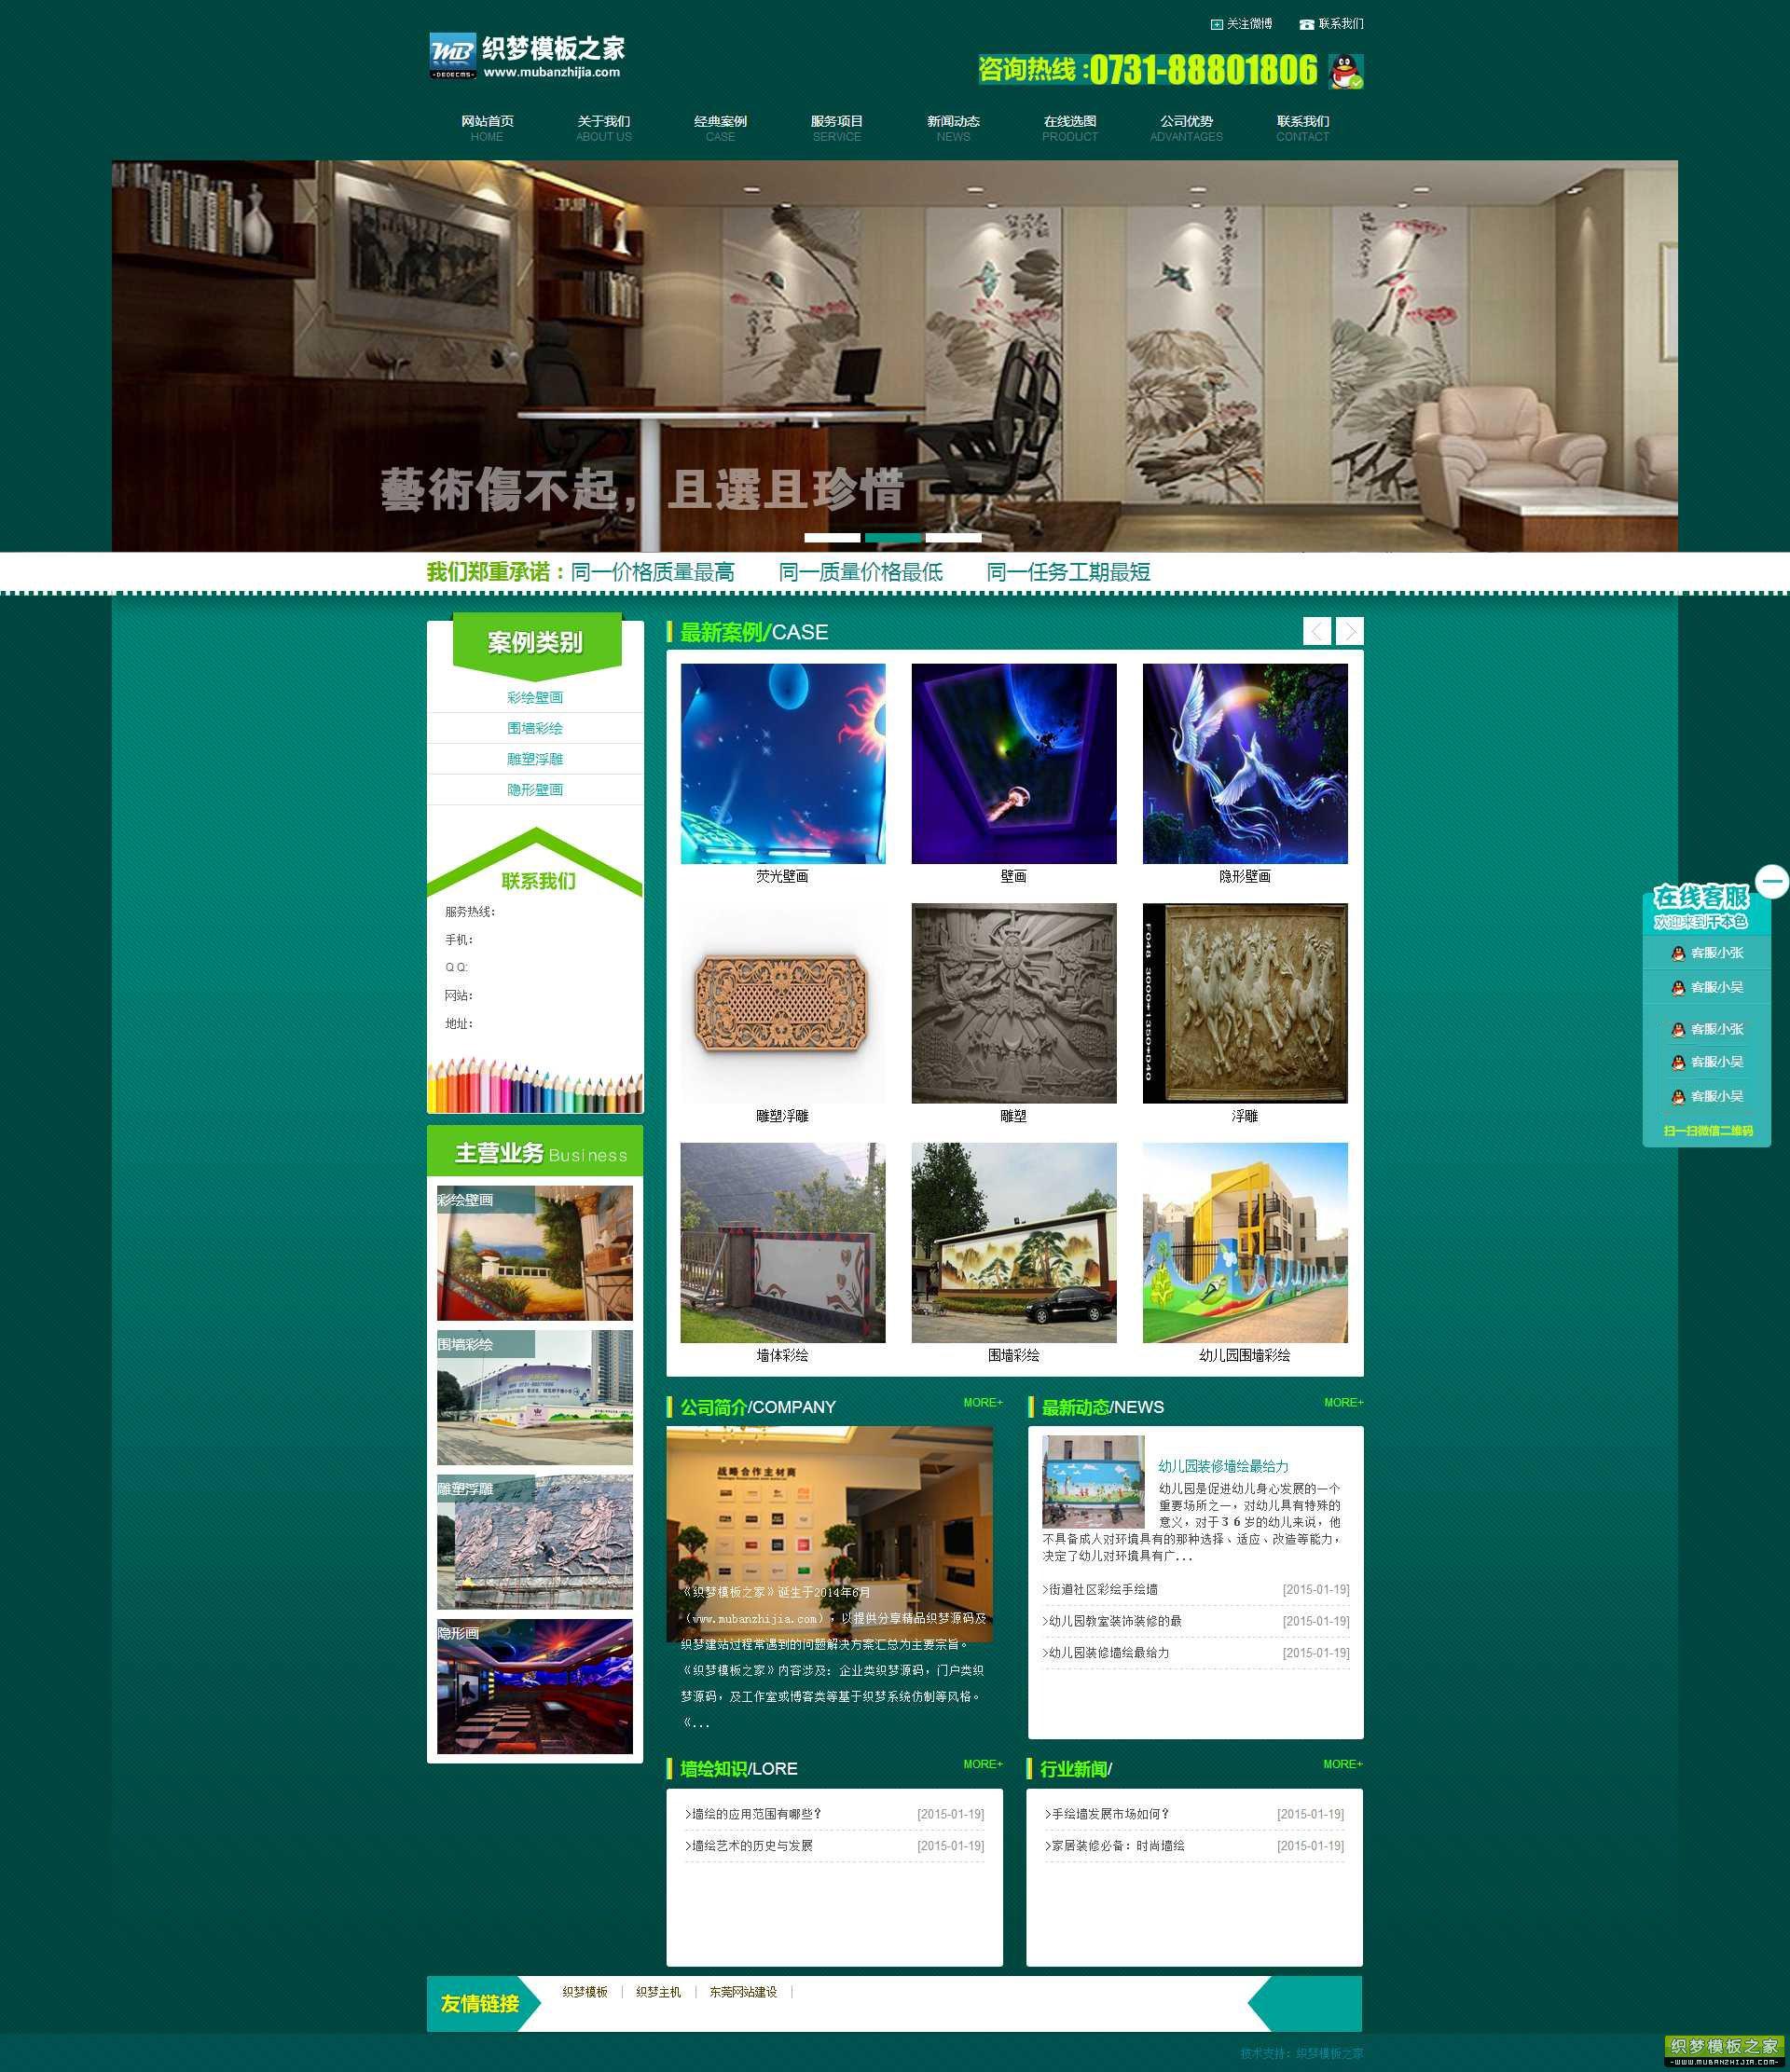 草根吧 墙绘装饰设计公司网站织梦模板免费下载 DEDECMS,免费资源,企业网站,设计制作,装饰设计 wordpress|织梦cms 8fbcedeabb294a02b24f094dbeaa174d_th